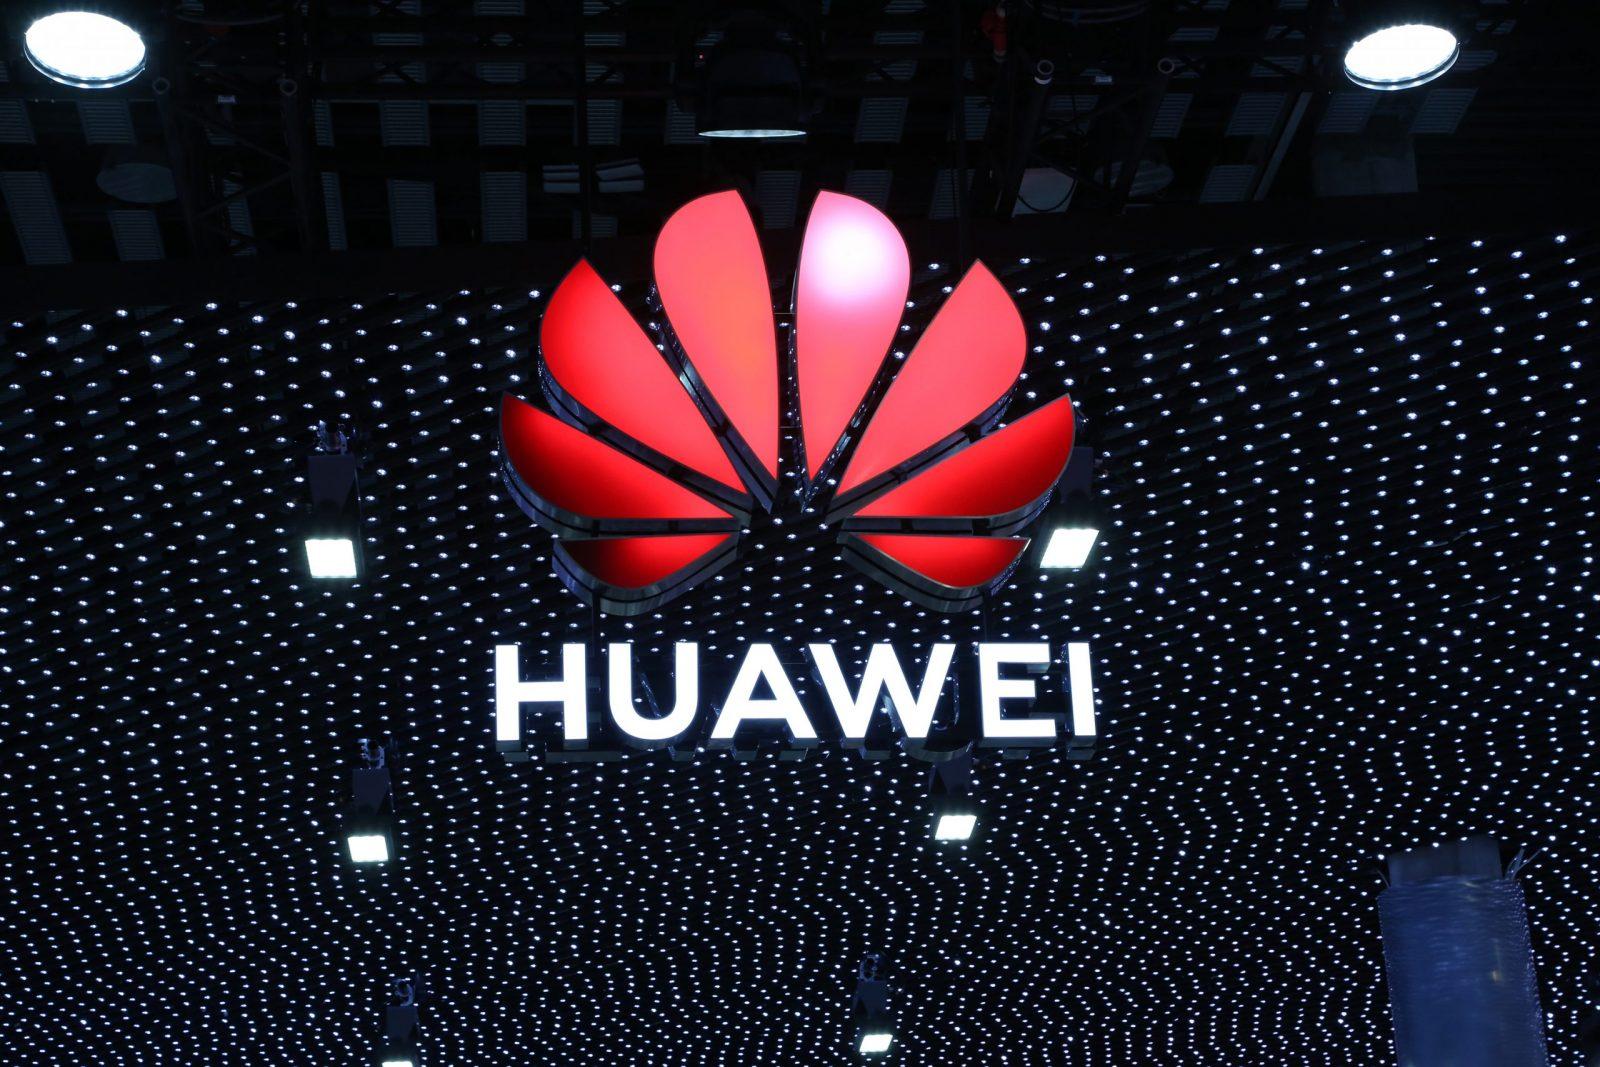 Google souhaite qu'Android revienne sur les appareils Huawei et demande donc une licence